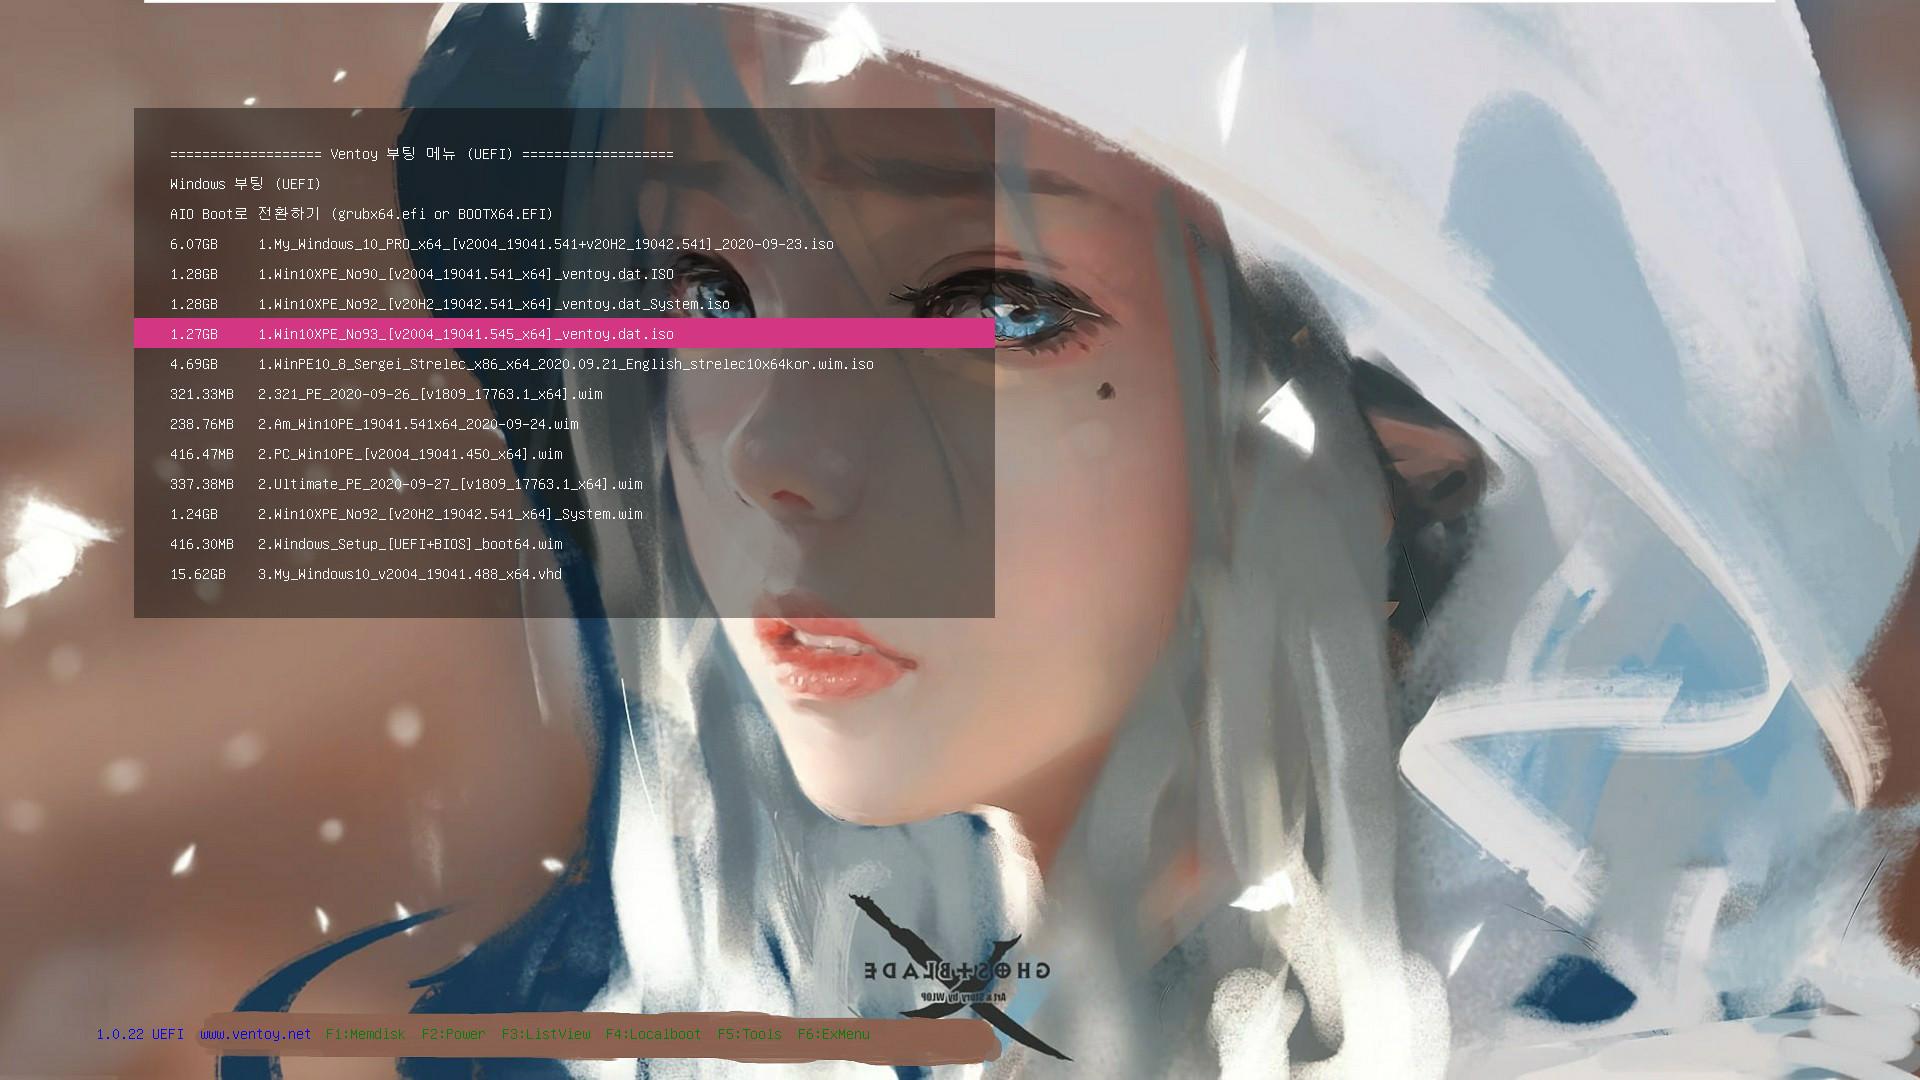 2020-09-30 업데이트 통합 PRO x64 2개 - Windows 10 버전 2004 + 버전 20H2 누적 업데이트 KB4577063 (OS 빌드 19041.545 + 19042.545) - PE 만들기 테스트 2020-09-30_112143.jpg